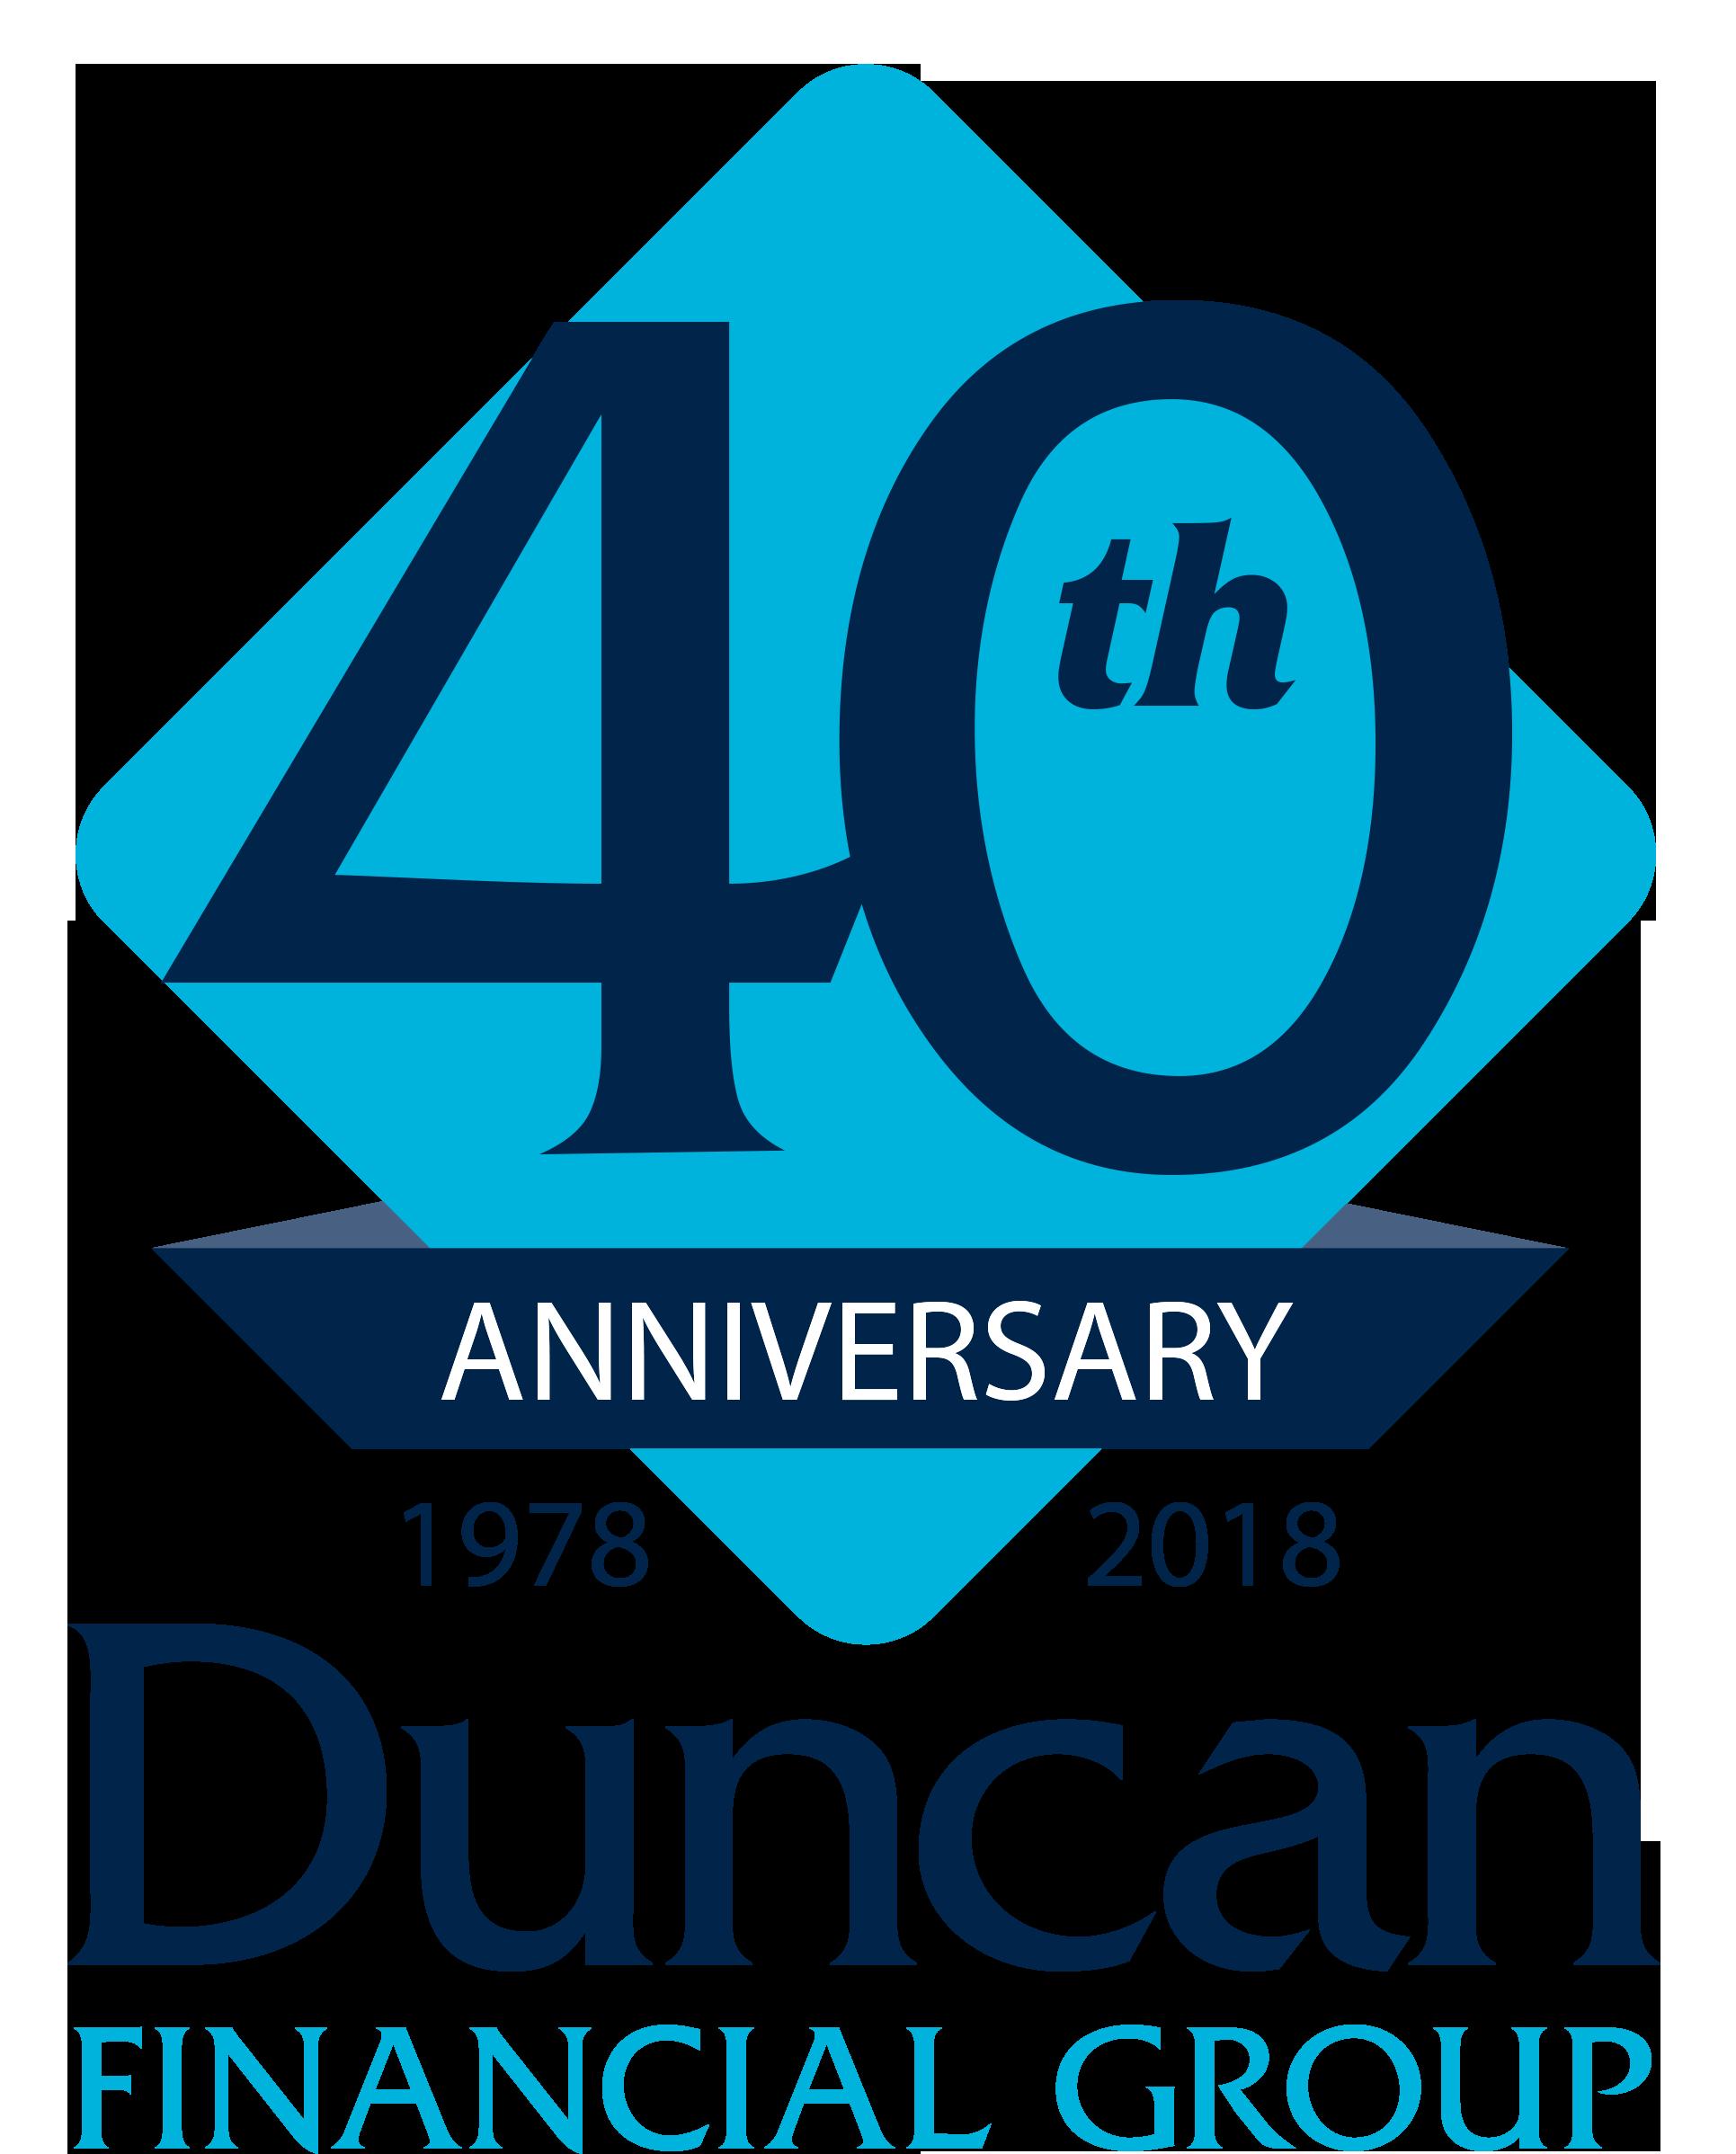 40th anniv logo final